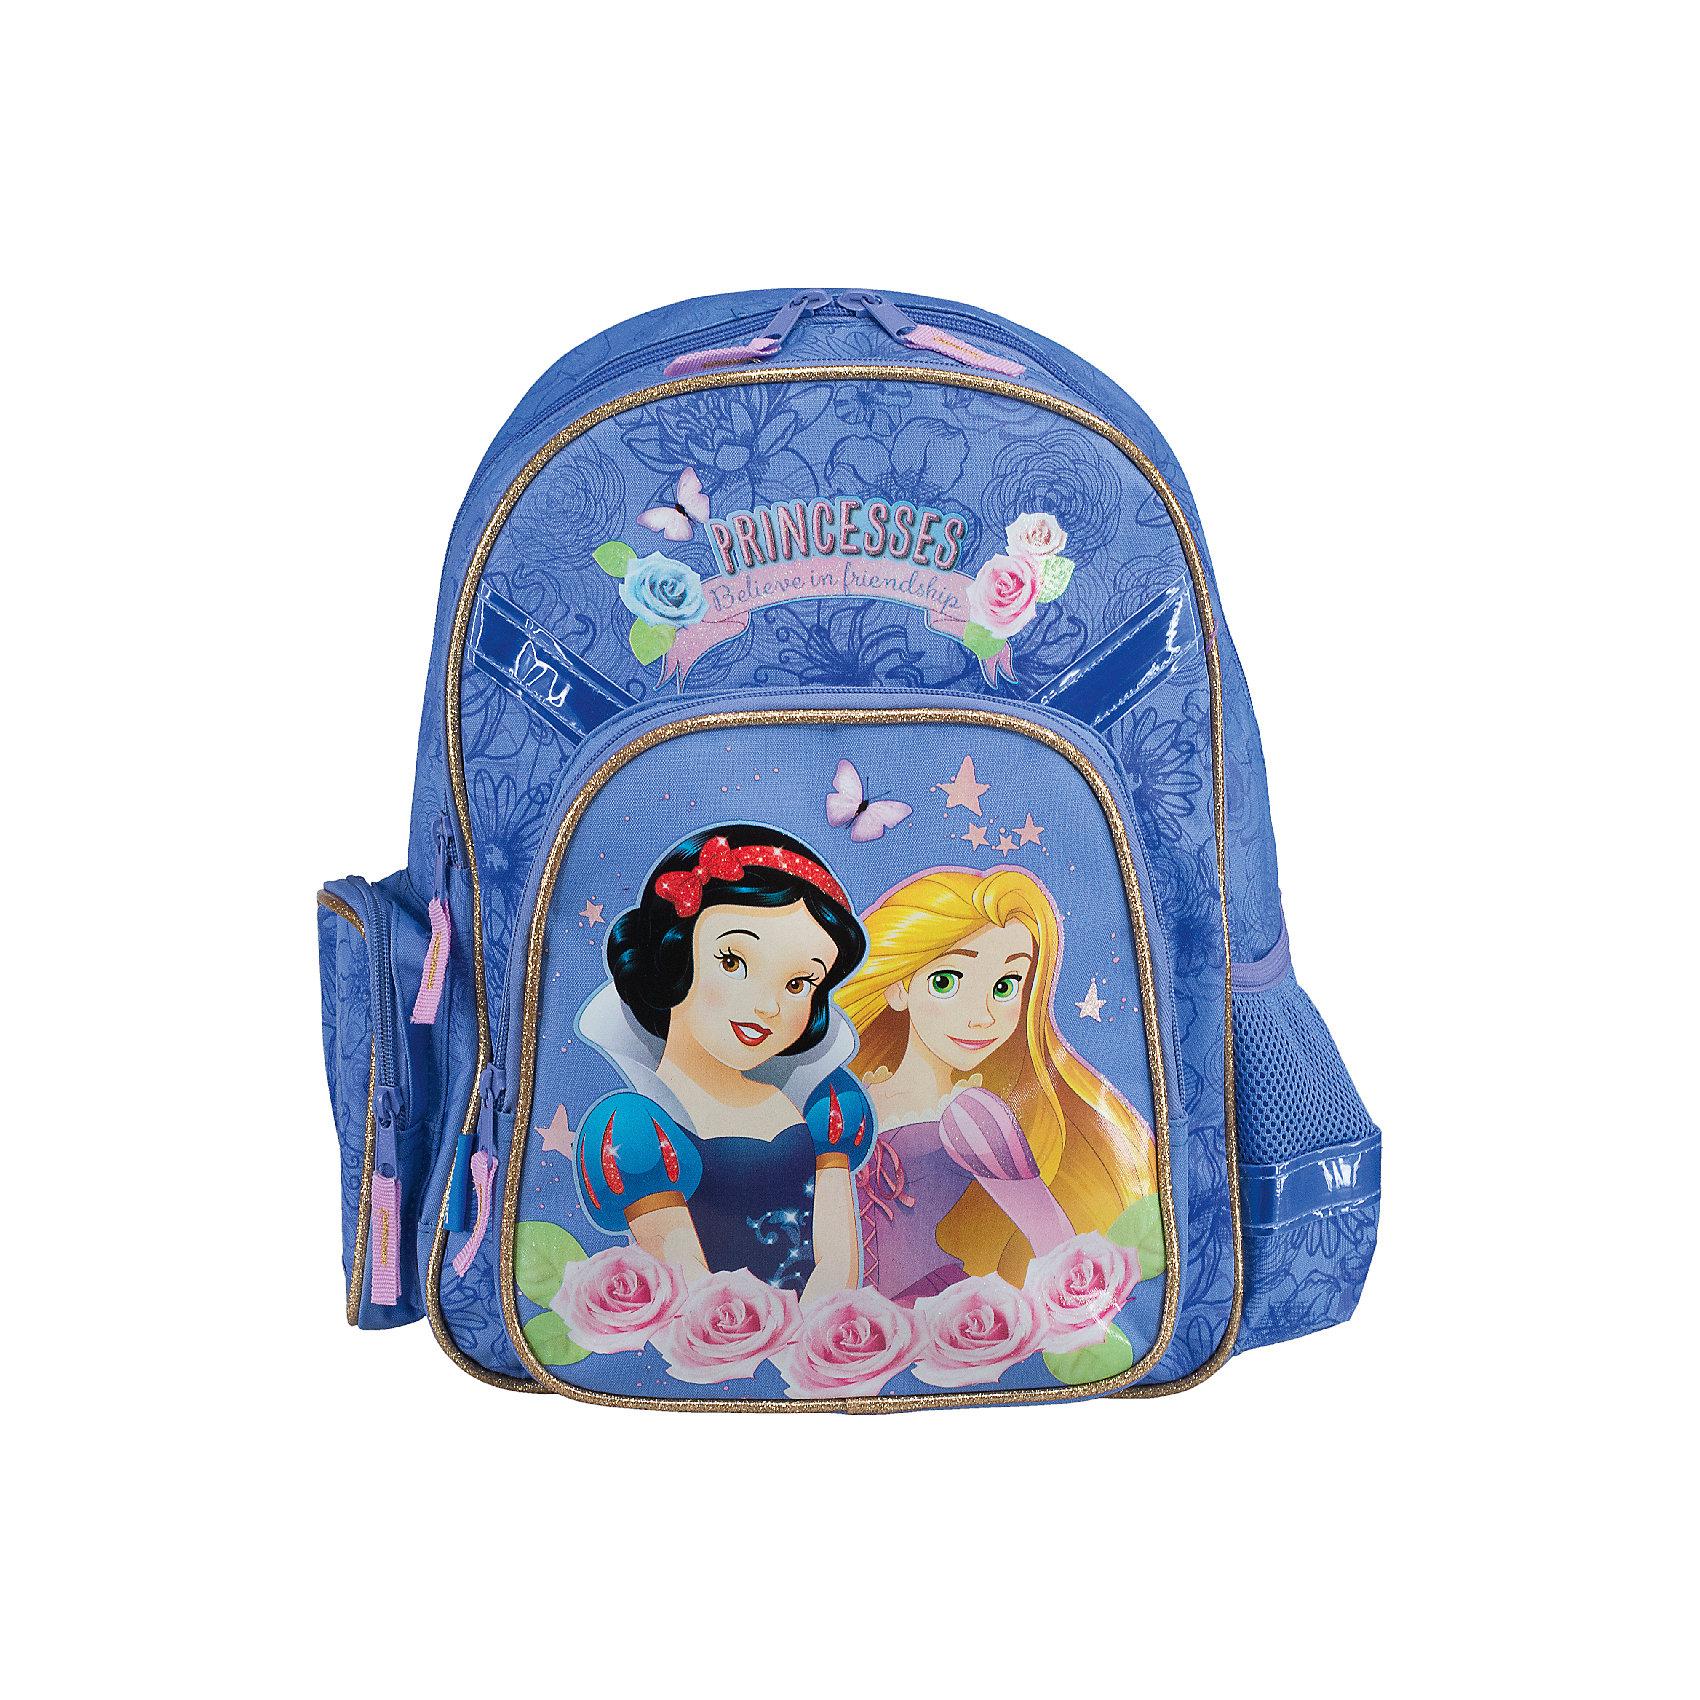 Эргономичный рюкзак с EVA-спинкой, Принцессы ДиснейРюкзак с эргономической EVA-спинкой, Принцессы Дисней - идеальный вариант для школьных занятий. Рюкзак выполнен из прочного полиэстера светло-сиреневой расцветки, имеет привлекательный для девочек дизайн и украшен изображениями волшебных принцесс из популярных диснеевских мультфильмов. Благодаря эргономической EVA-спинке с воздухообменным сетчатым материалом позвоночник ребенка не будет испытывать больших нагрузок во время эксплуатации рюкзака. Широкие лямки S-образной формы регулируются по длине и равномерно распределяют нагрузку на плечевой пояс. Также есть удобная текстильная ручка с резиновой накладкой, за которую можно нести рюкзак. Жесткое дно в виде раскладной панели с пластиковой вставкой защитит содержимое от повреждений. <br><br>Рюкзак закрывается на застежку-молнию. Внутри два больших отделения на молнии, основное отделение с двумя перегородками для тетрадей или учебников. На лицевой стороне расположен большой накладной карман на молнии, с одной из боковых сторон - сетчатый карман, с другой - закрытый карман на молнии. Светоотражающие элементы обеспечивают безопасность в темное время суток.<br><br>Дополнительная информация:<br><br>- Материал: полиэстер, текстиль, пластик, металл. <br>- Размер рюкзака: 38 х 29 х 15 см.<br>- Размер упаковки: 40 х 37 х 6 см.<br>- Вес: 0,704 кг.<br><br>Рюкзак с эргономической EVA-спинкой, Принцессы Дисней, можно купить в нашем интернет-магазине.<br><br>Ширина мм: 150<br>Глубина мм: 290<br>Высота мм: 380<br>Вес г: 704<br>Возраст от месяцев: 48<br>Возраст до месяцев: 84<br>Пол: Женский<br>Возраст: Детский<br>SKU: 4489580